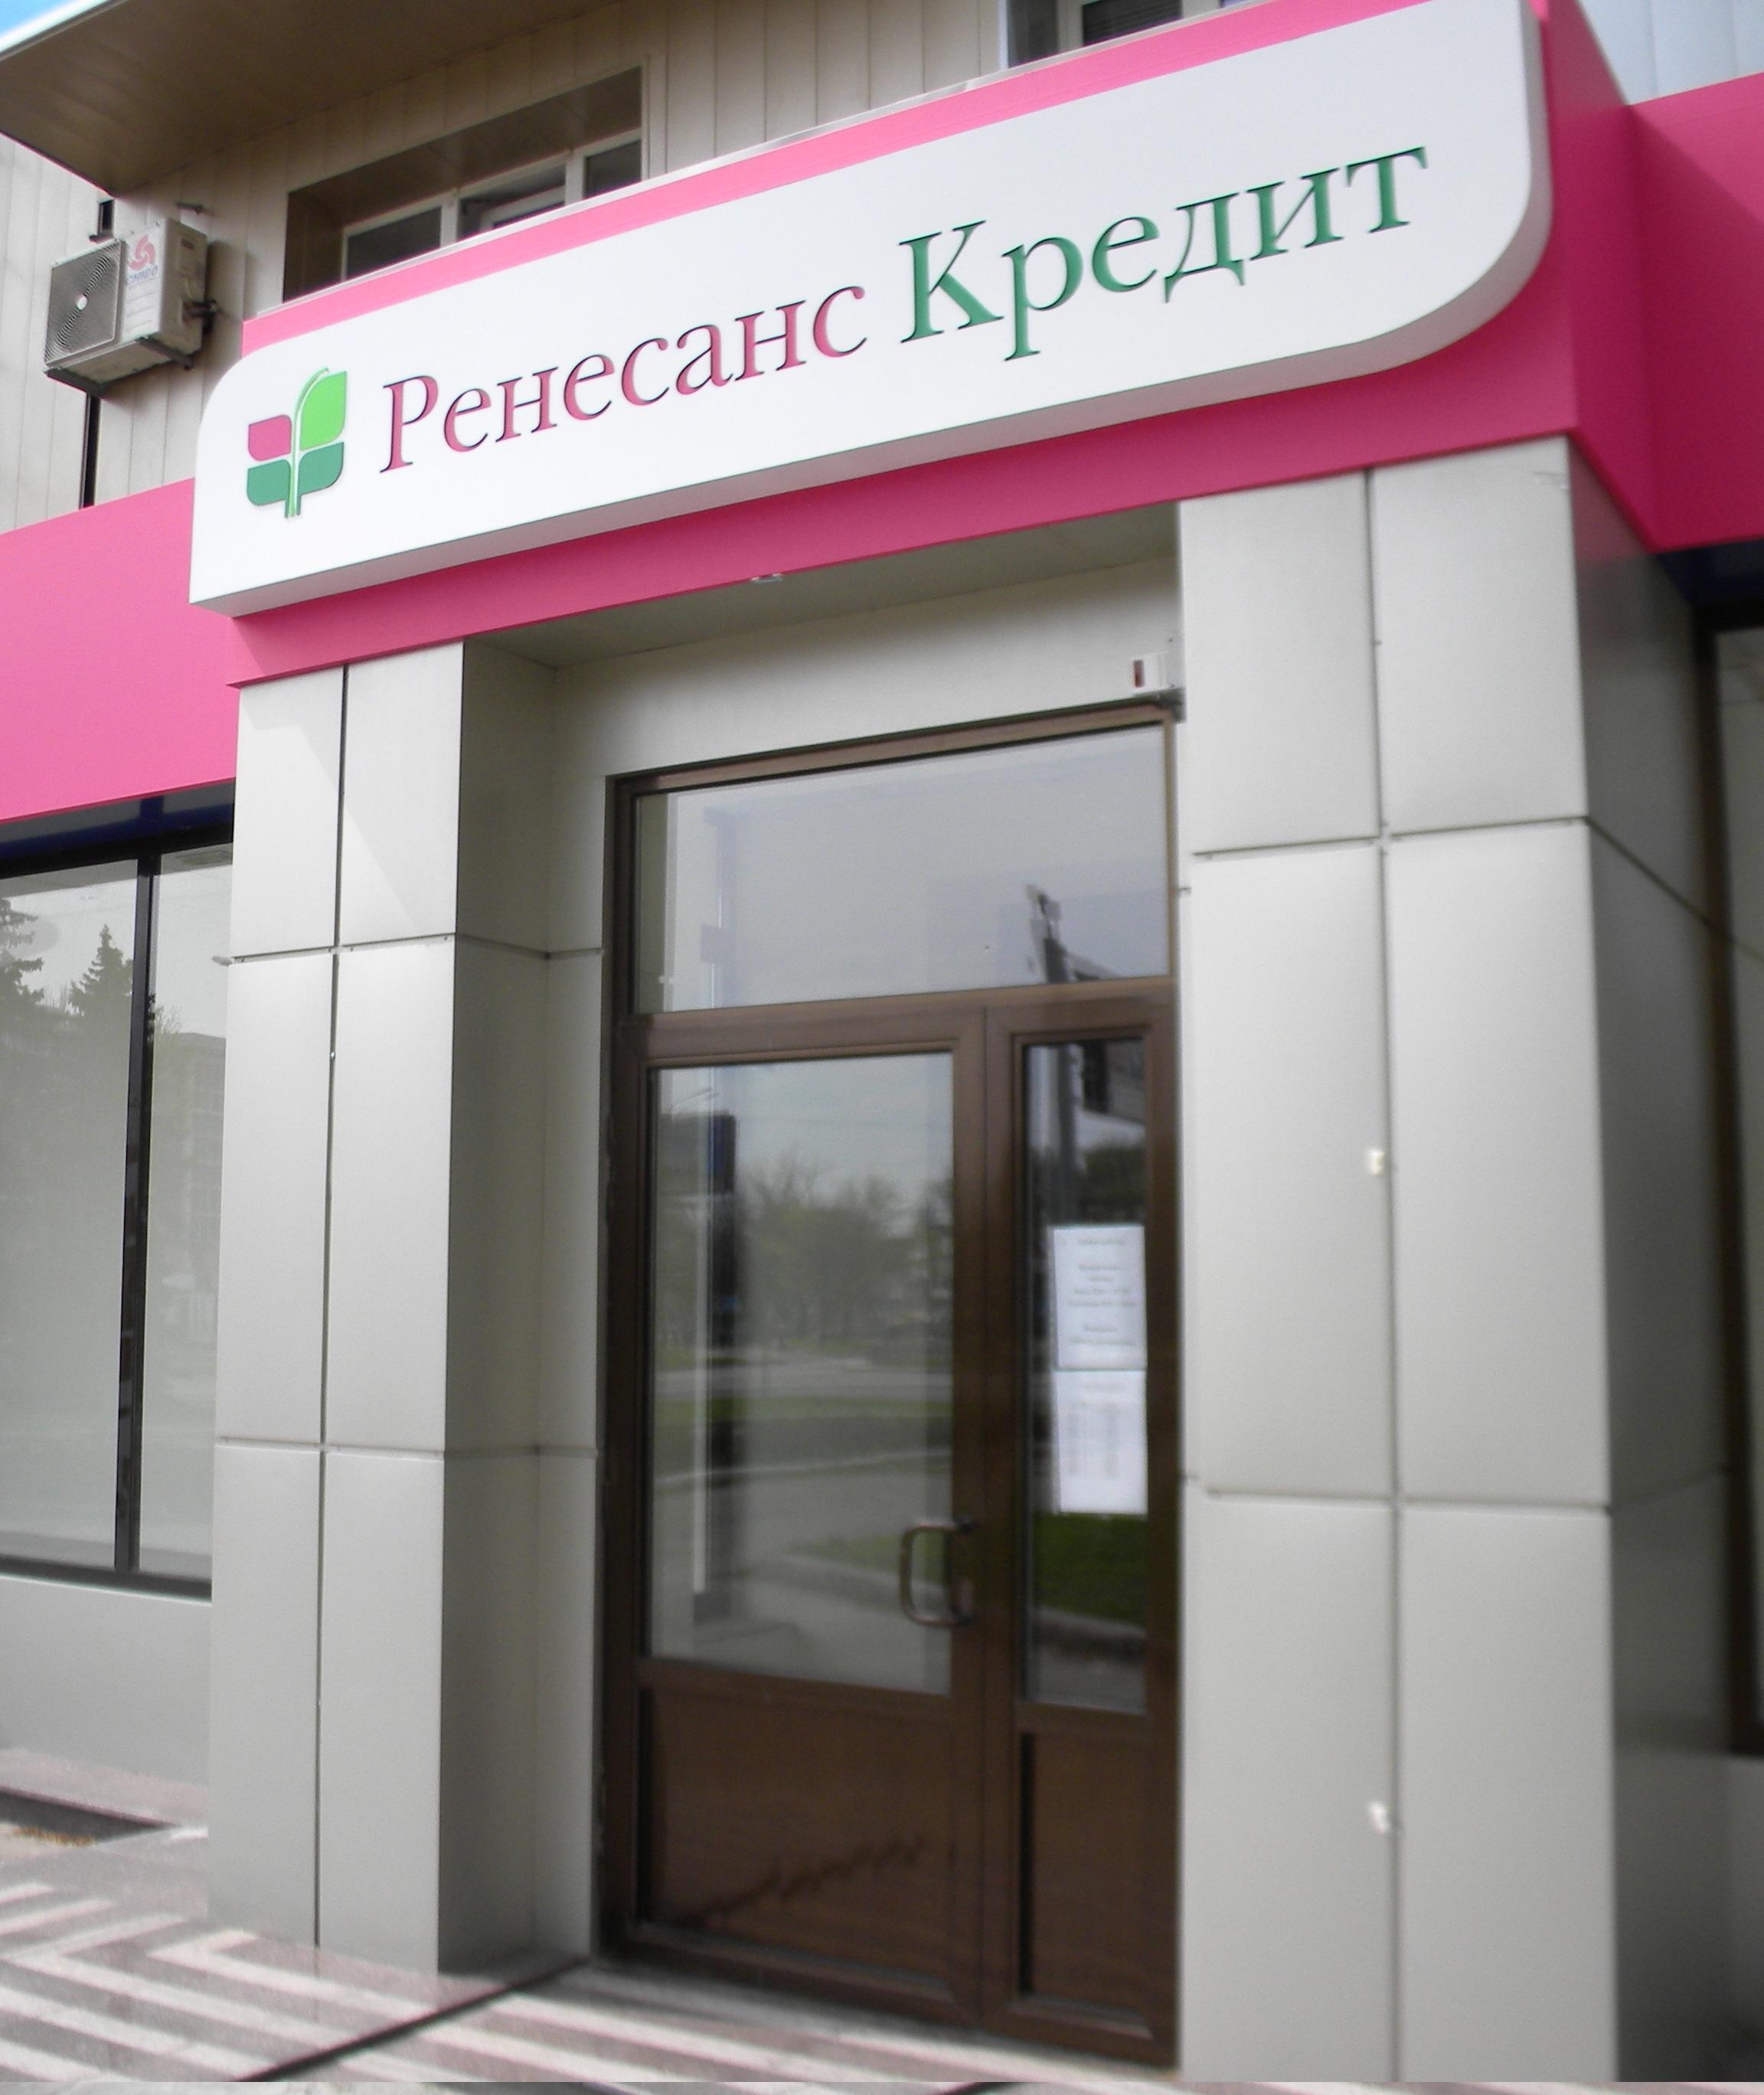 Адреса отделений банка «Ренессанс Кредит» в Екатеринбурге